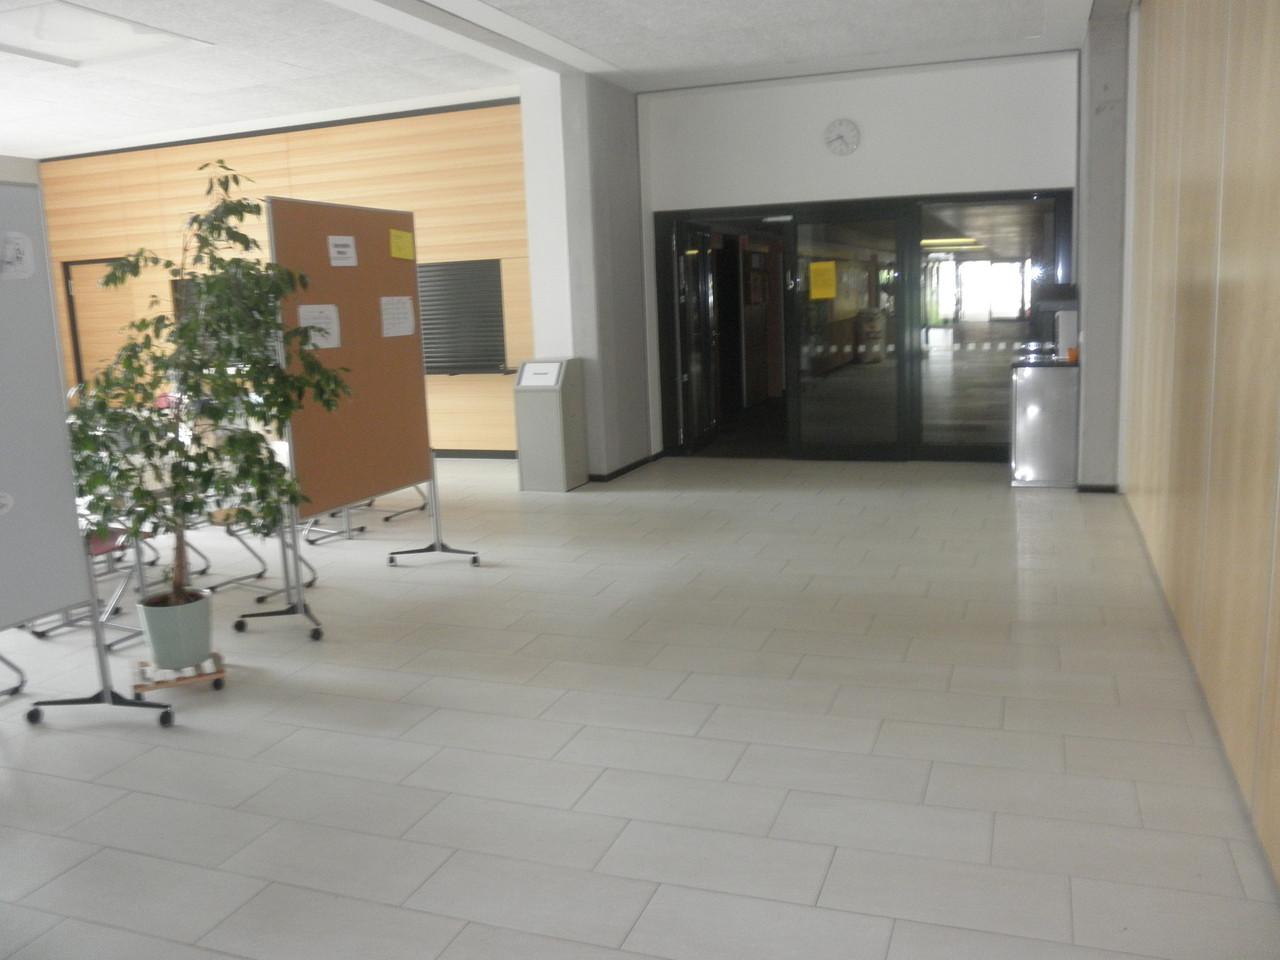 Foyer vor der Mensa mit Wasserspender - hier erhalten die Schüler kostenlos Sprudel und stilles Wasser